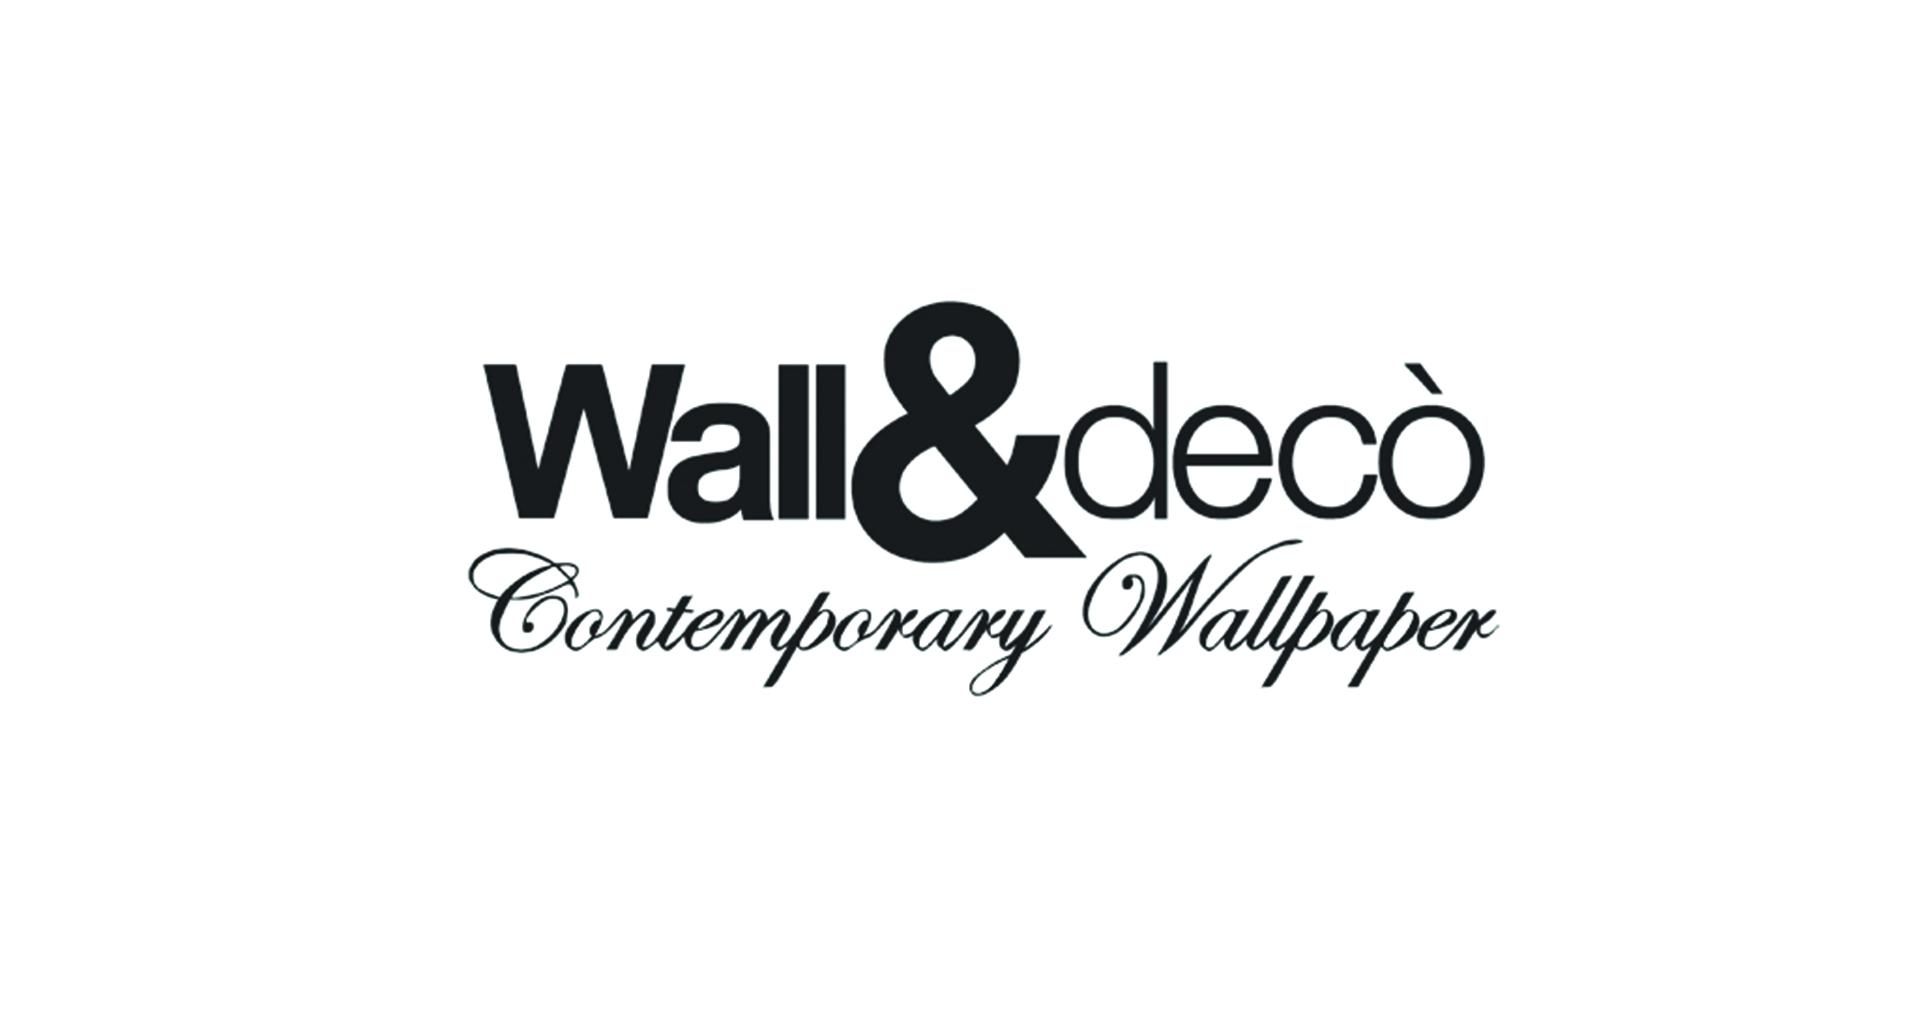 Wall&decò